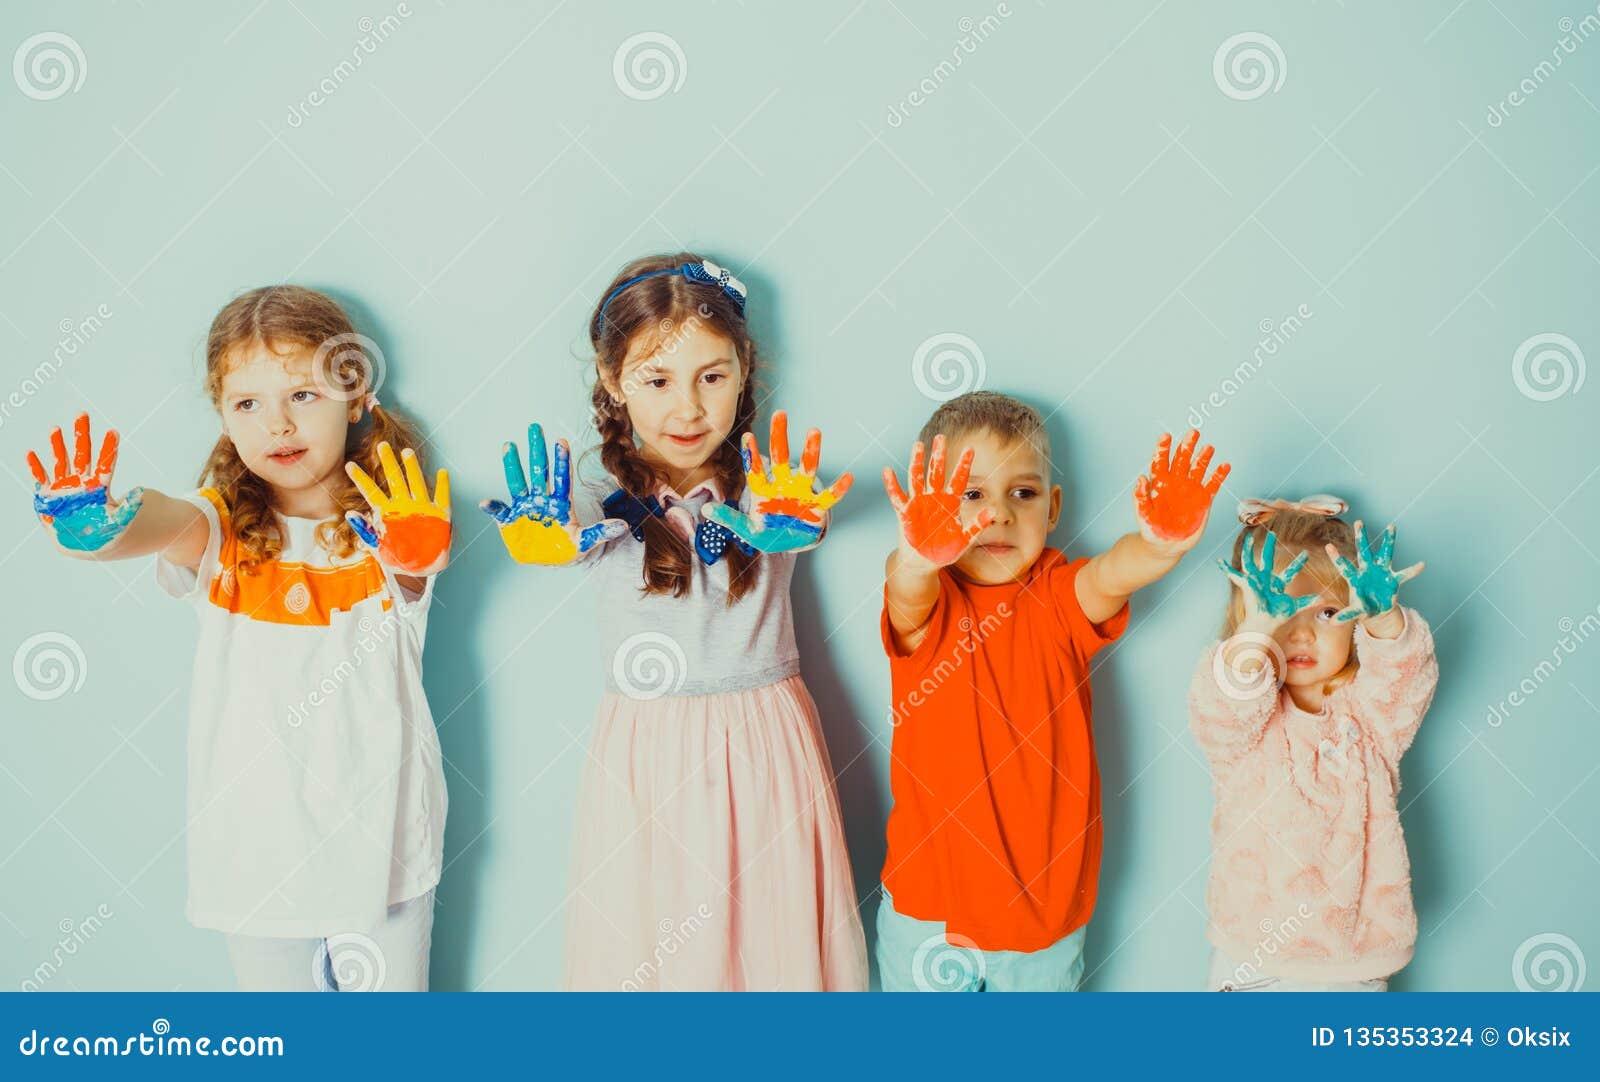 Kinder, die ihre gemalten bunten Hände zur Kamera zeigen